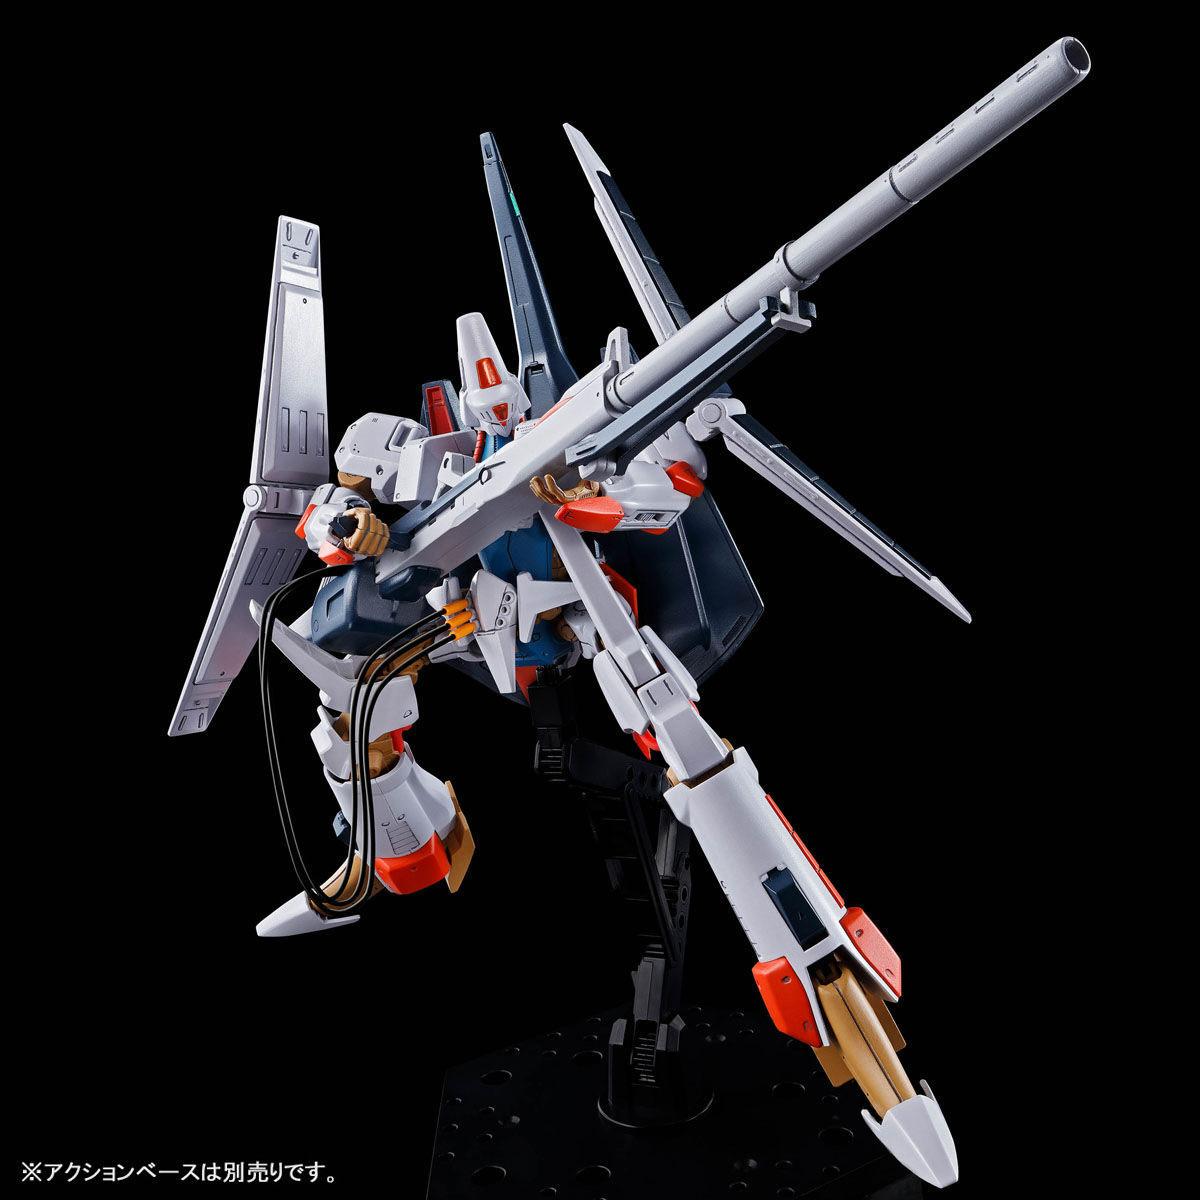 【限定販売】HG 1/144『エルガイムMk-II』重戦機エルガイム プラモデル-003